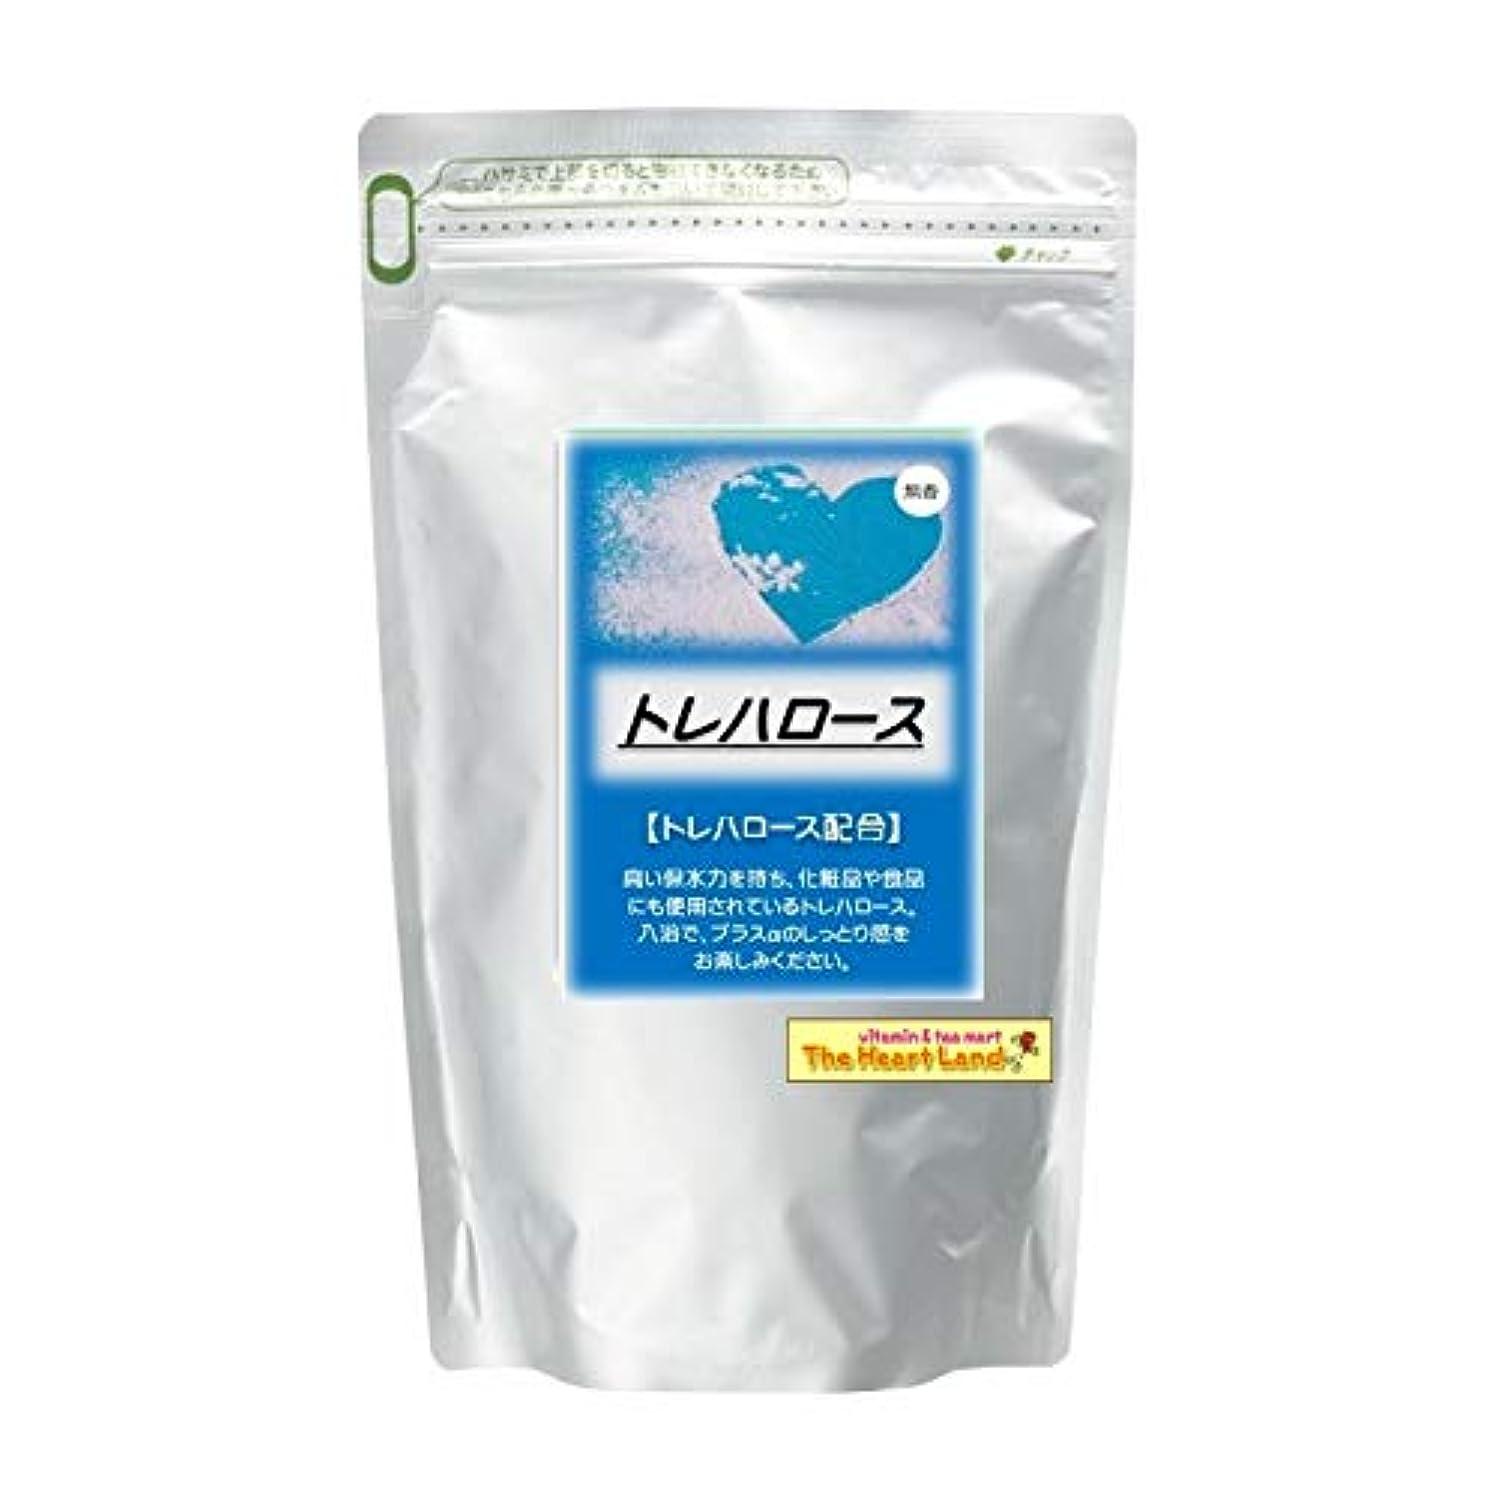 顎麻痺ピンポイントアサヒ入浴剤 浴用入浴化粧品 トレハロース 2.5kg